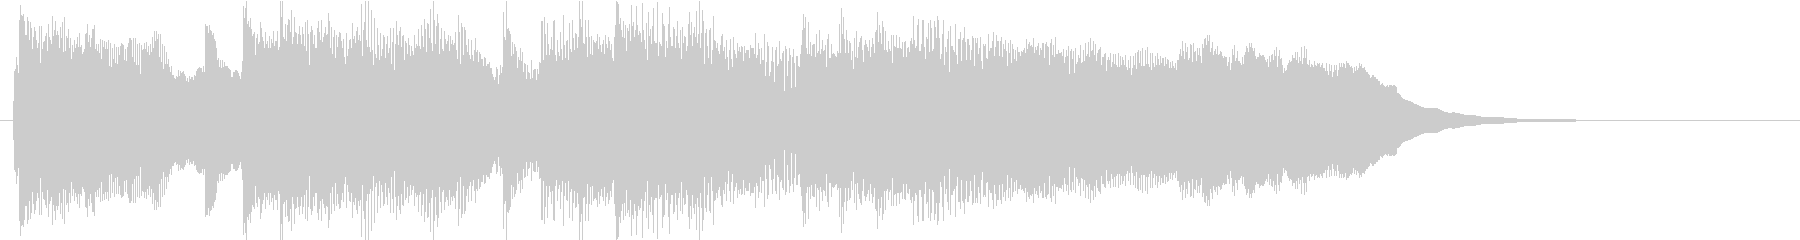 高音を抑えたシンセが特徴的なサウンドロゴの未再生の波形